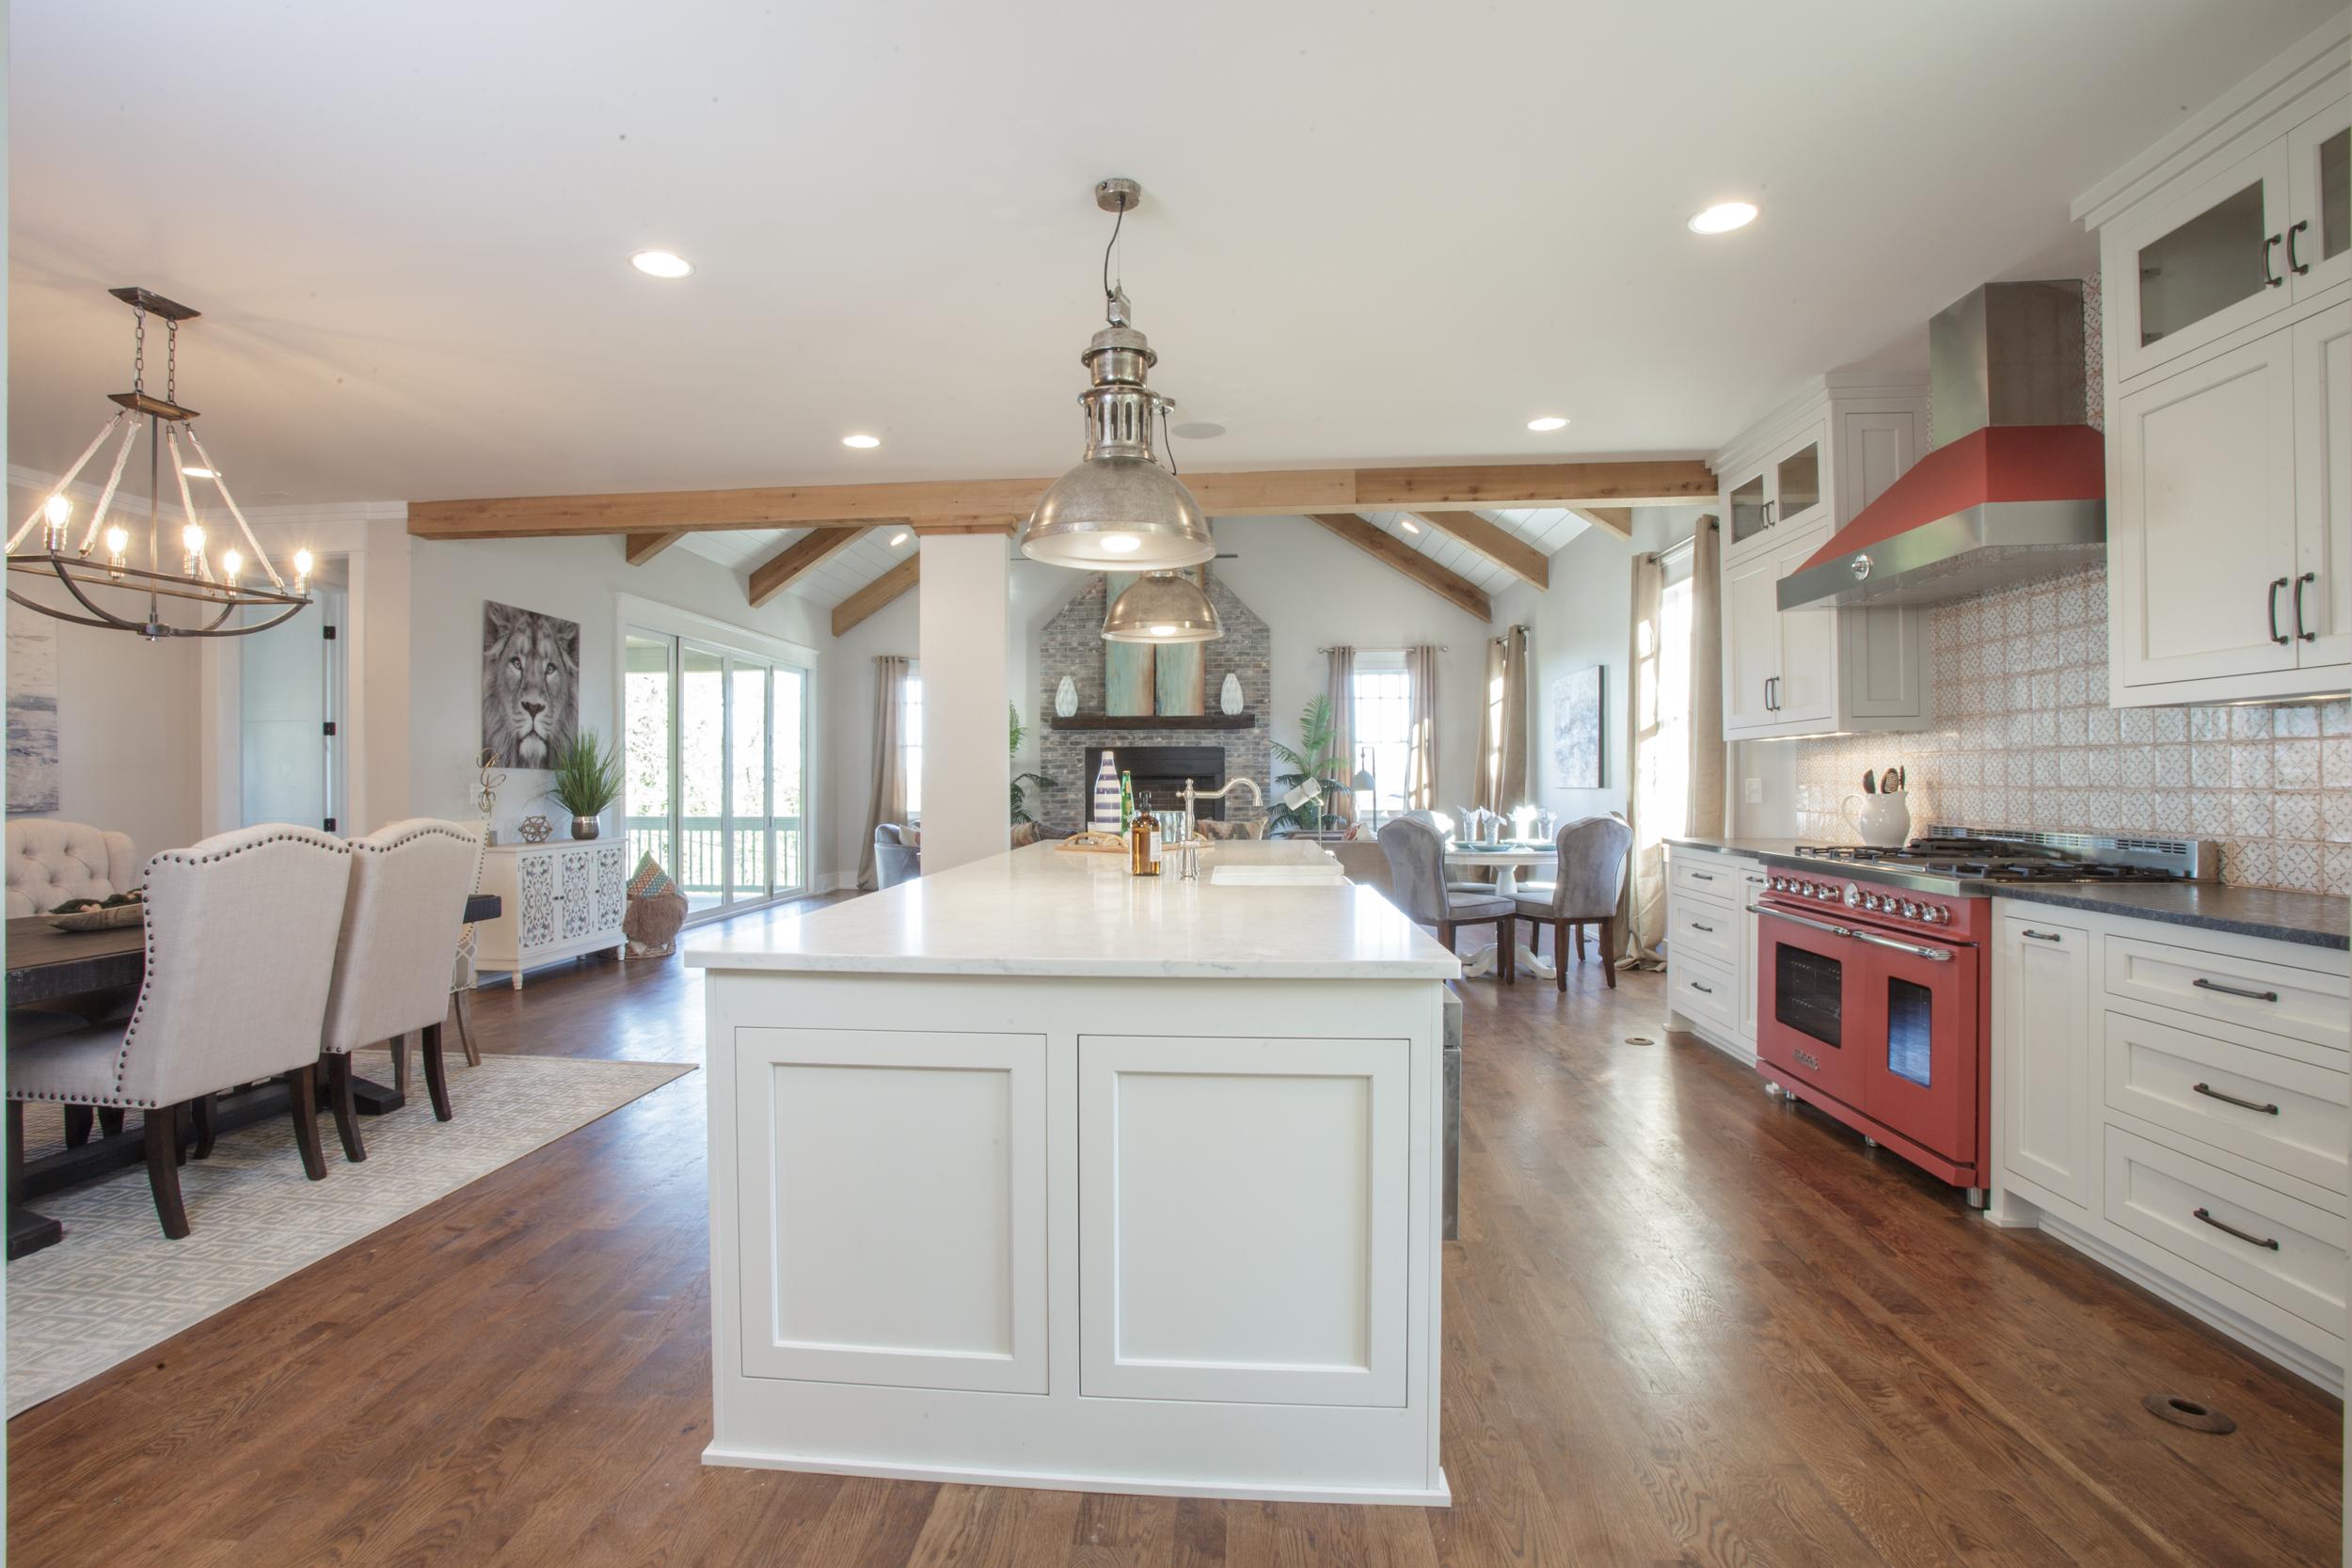 britt-development-group-nashville-tennessee-custom-home-builder-historic-renovation-0571.jpg